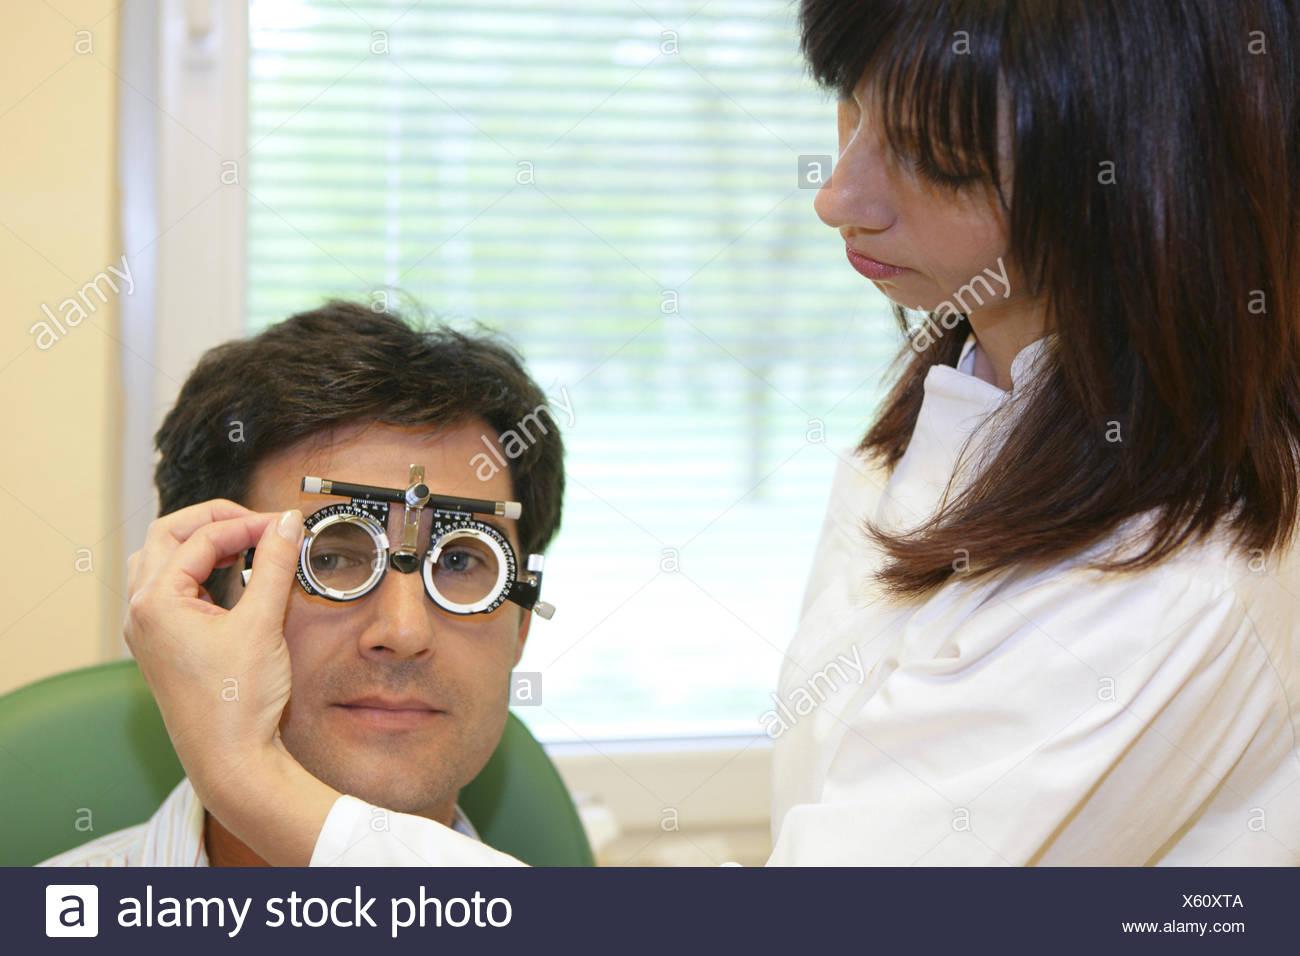 Augendiagnose online dating